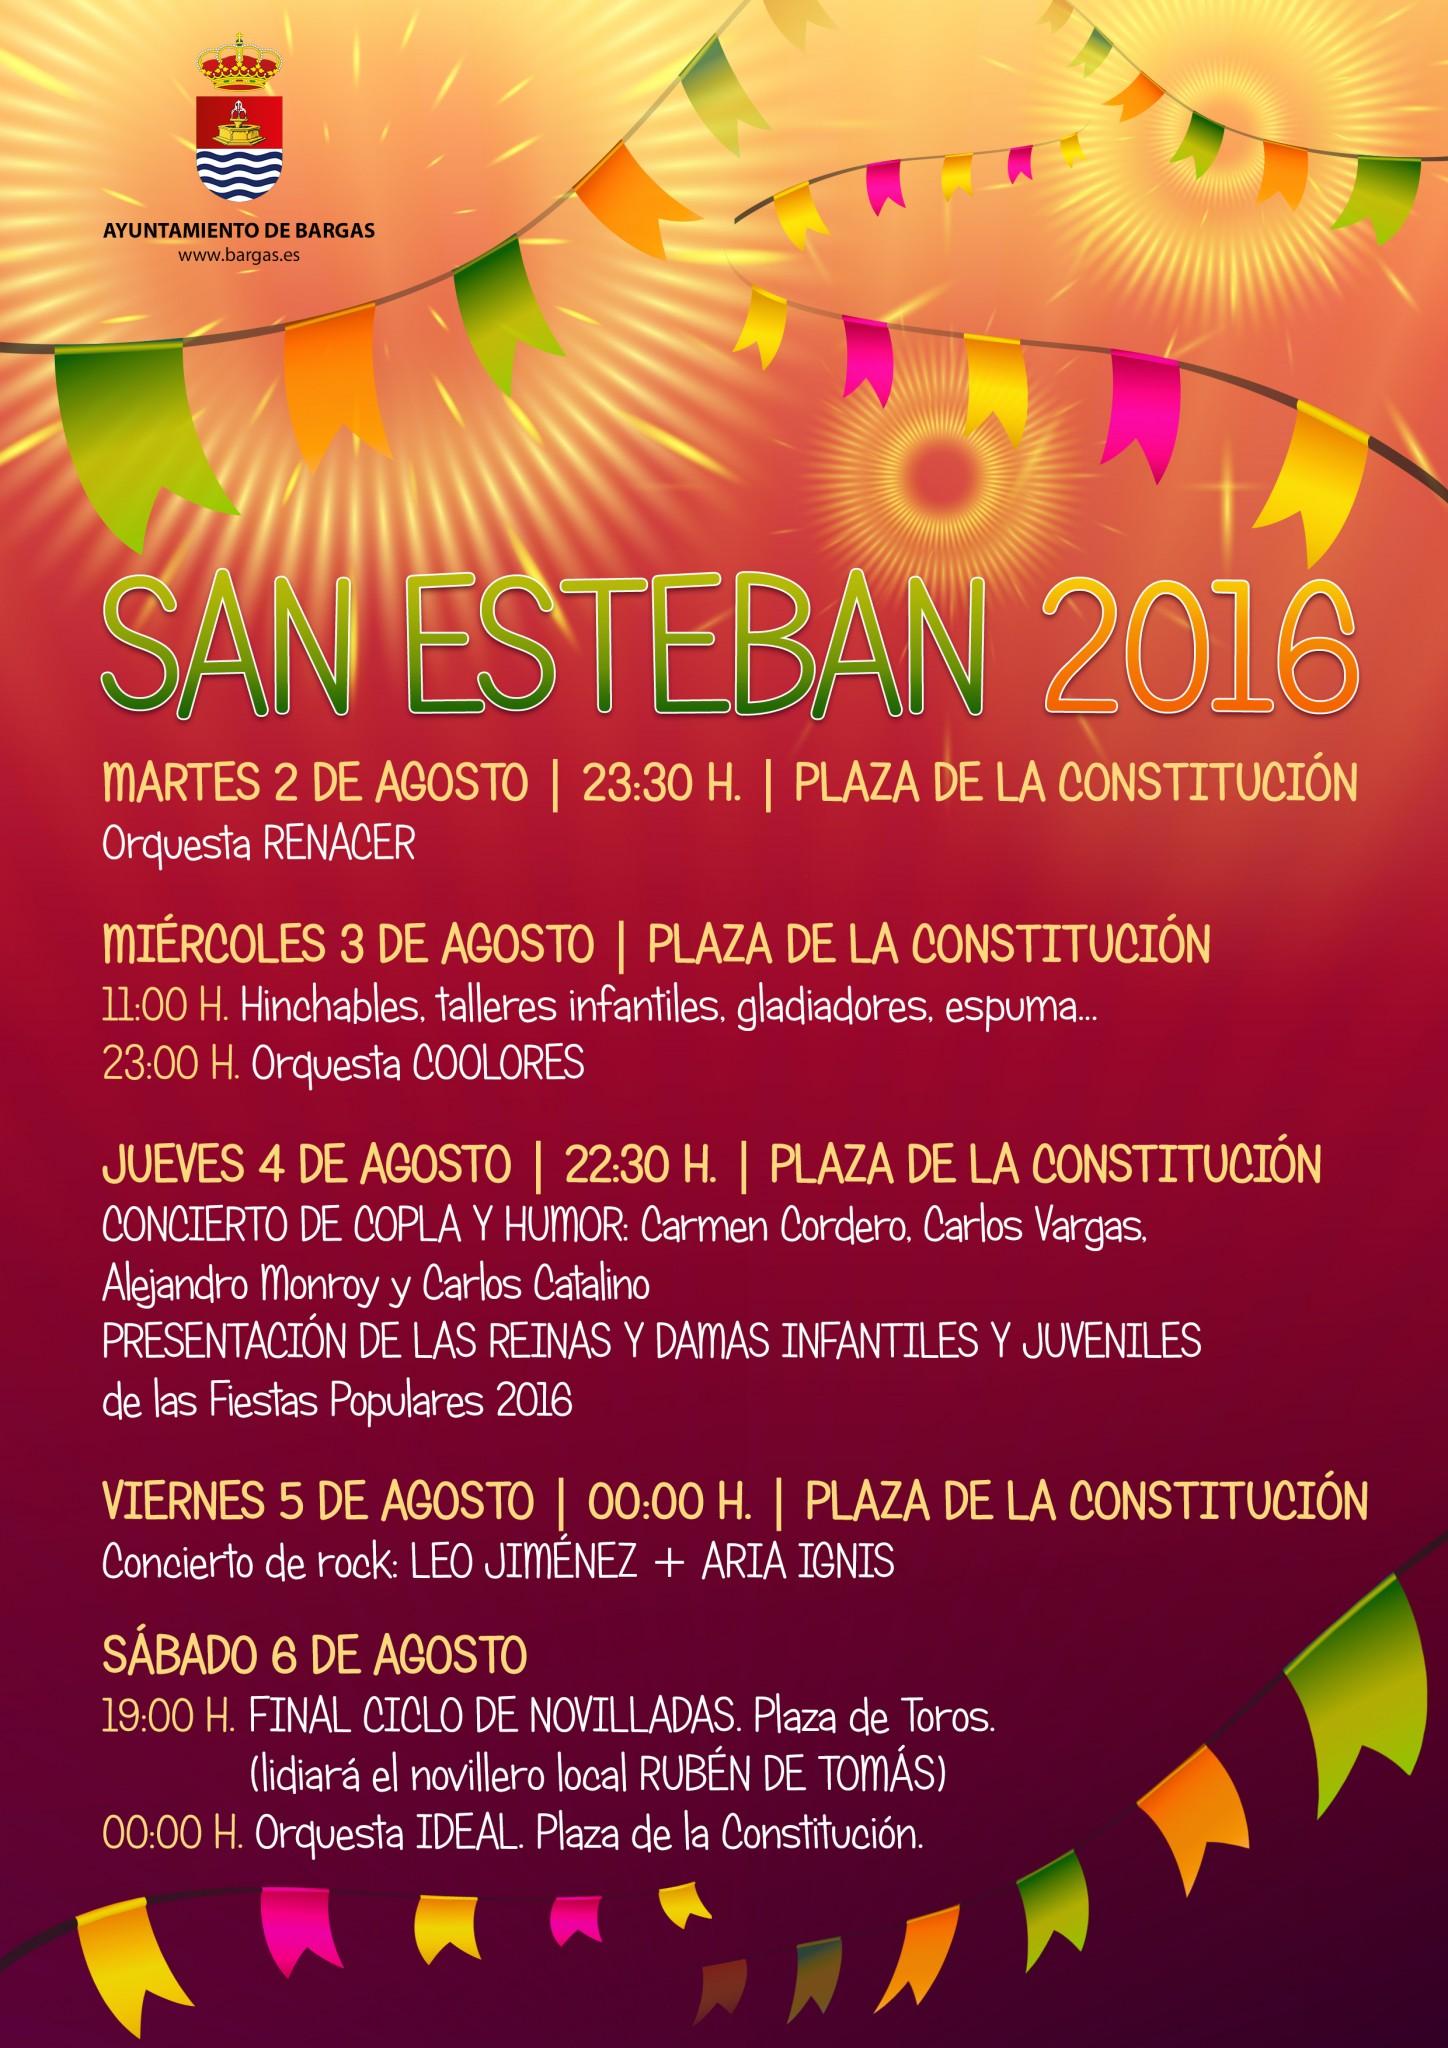 Fiestas de San Esteban 2016